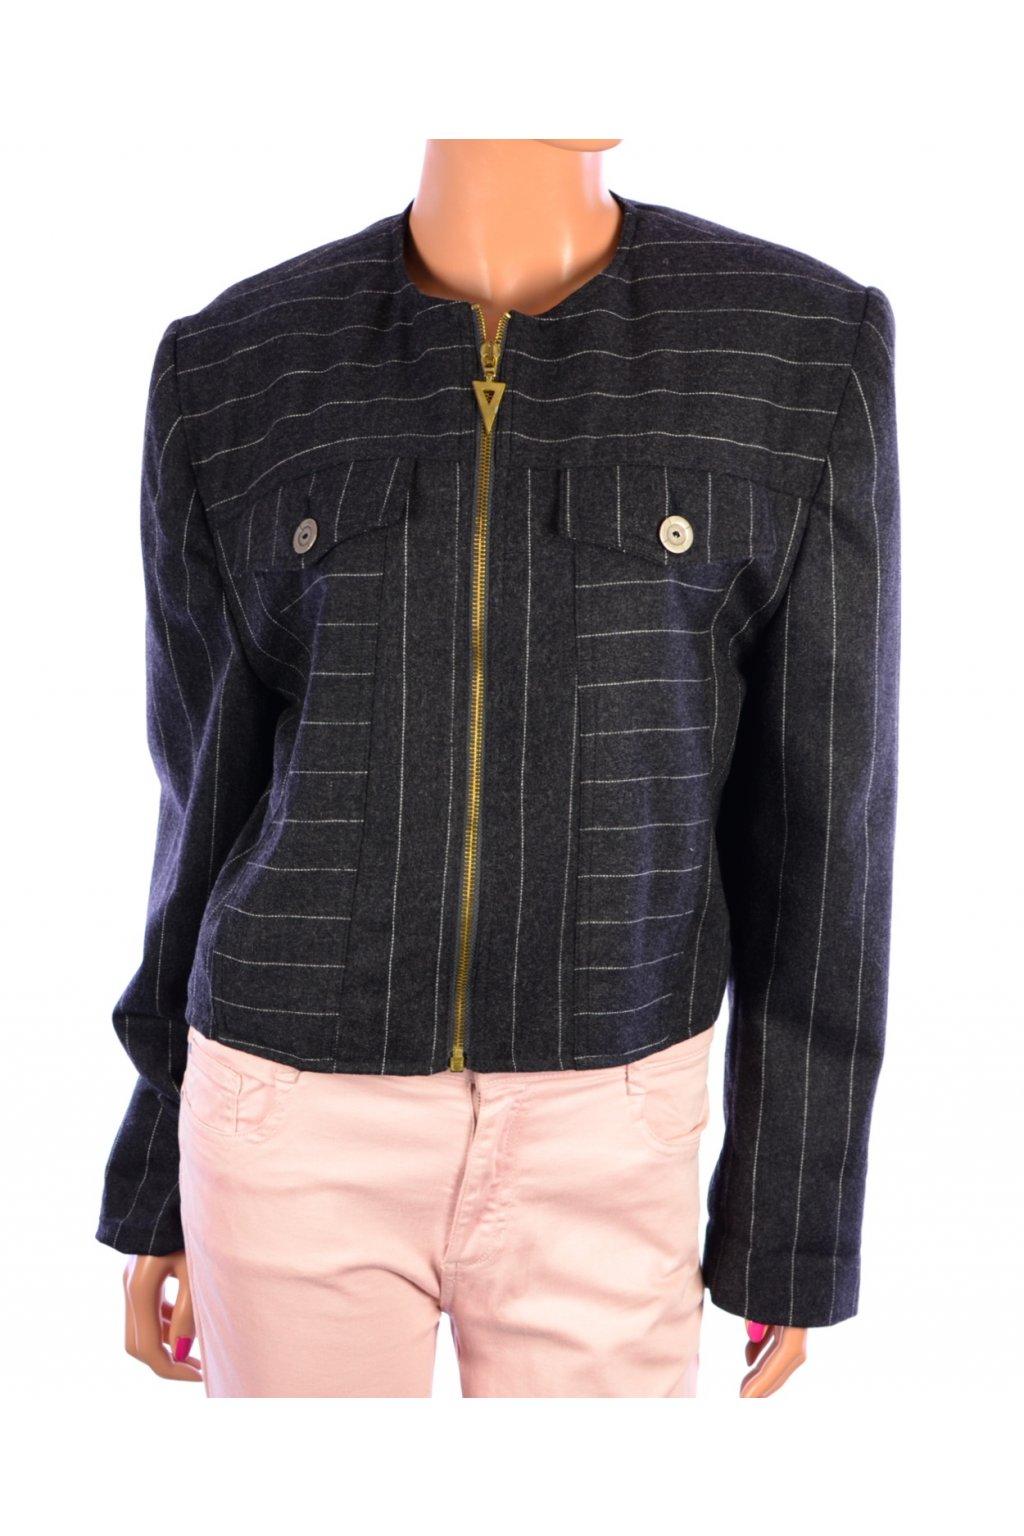 Sako krátký kabátek vel L šedý s proužkem